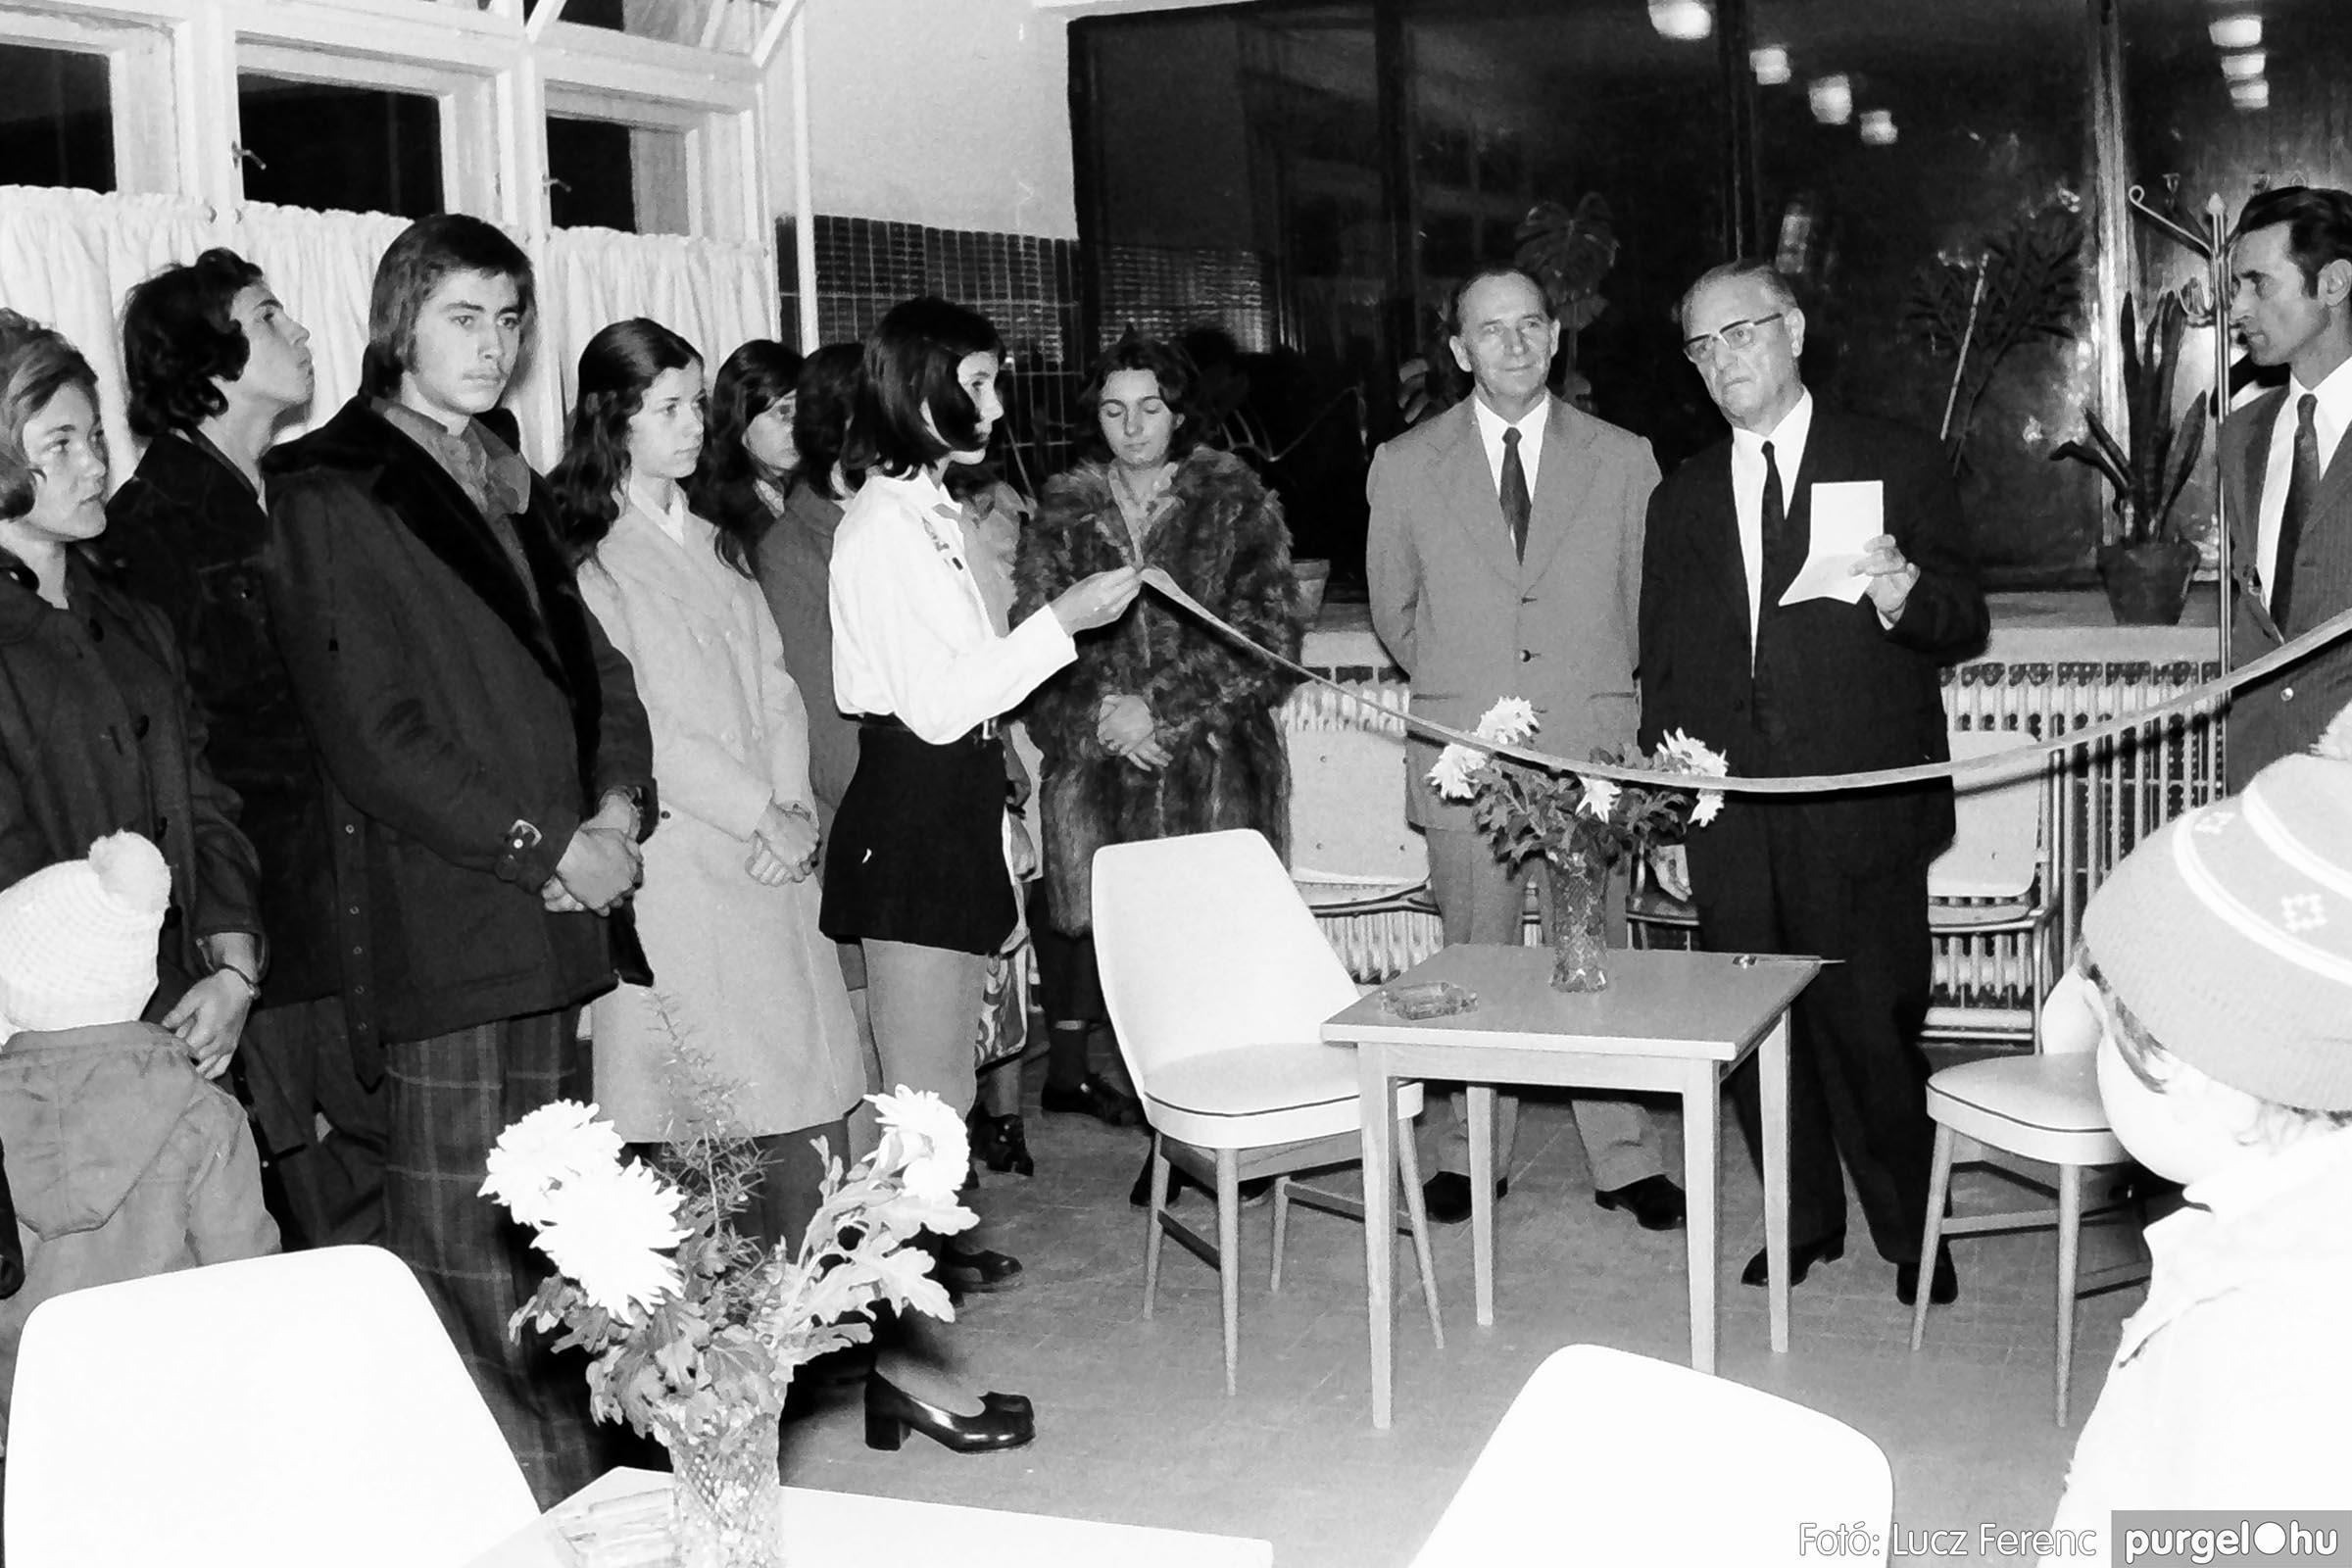 002 1970-es évek - Orvosi rendelő épületének átadása 013 - Fotó: Lucz Ferenc - IMG01111q.jpg